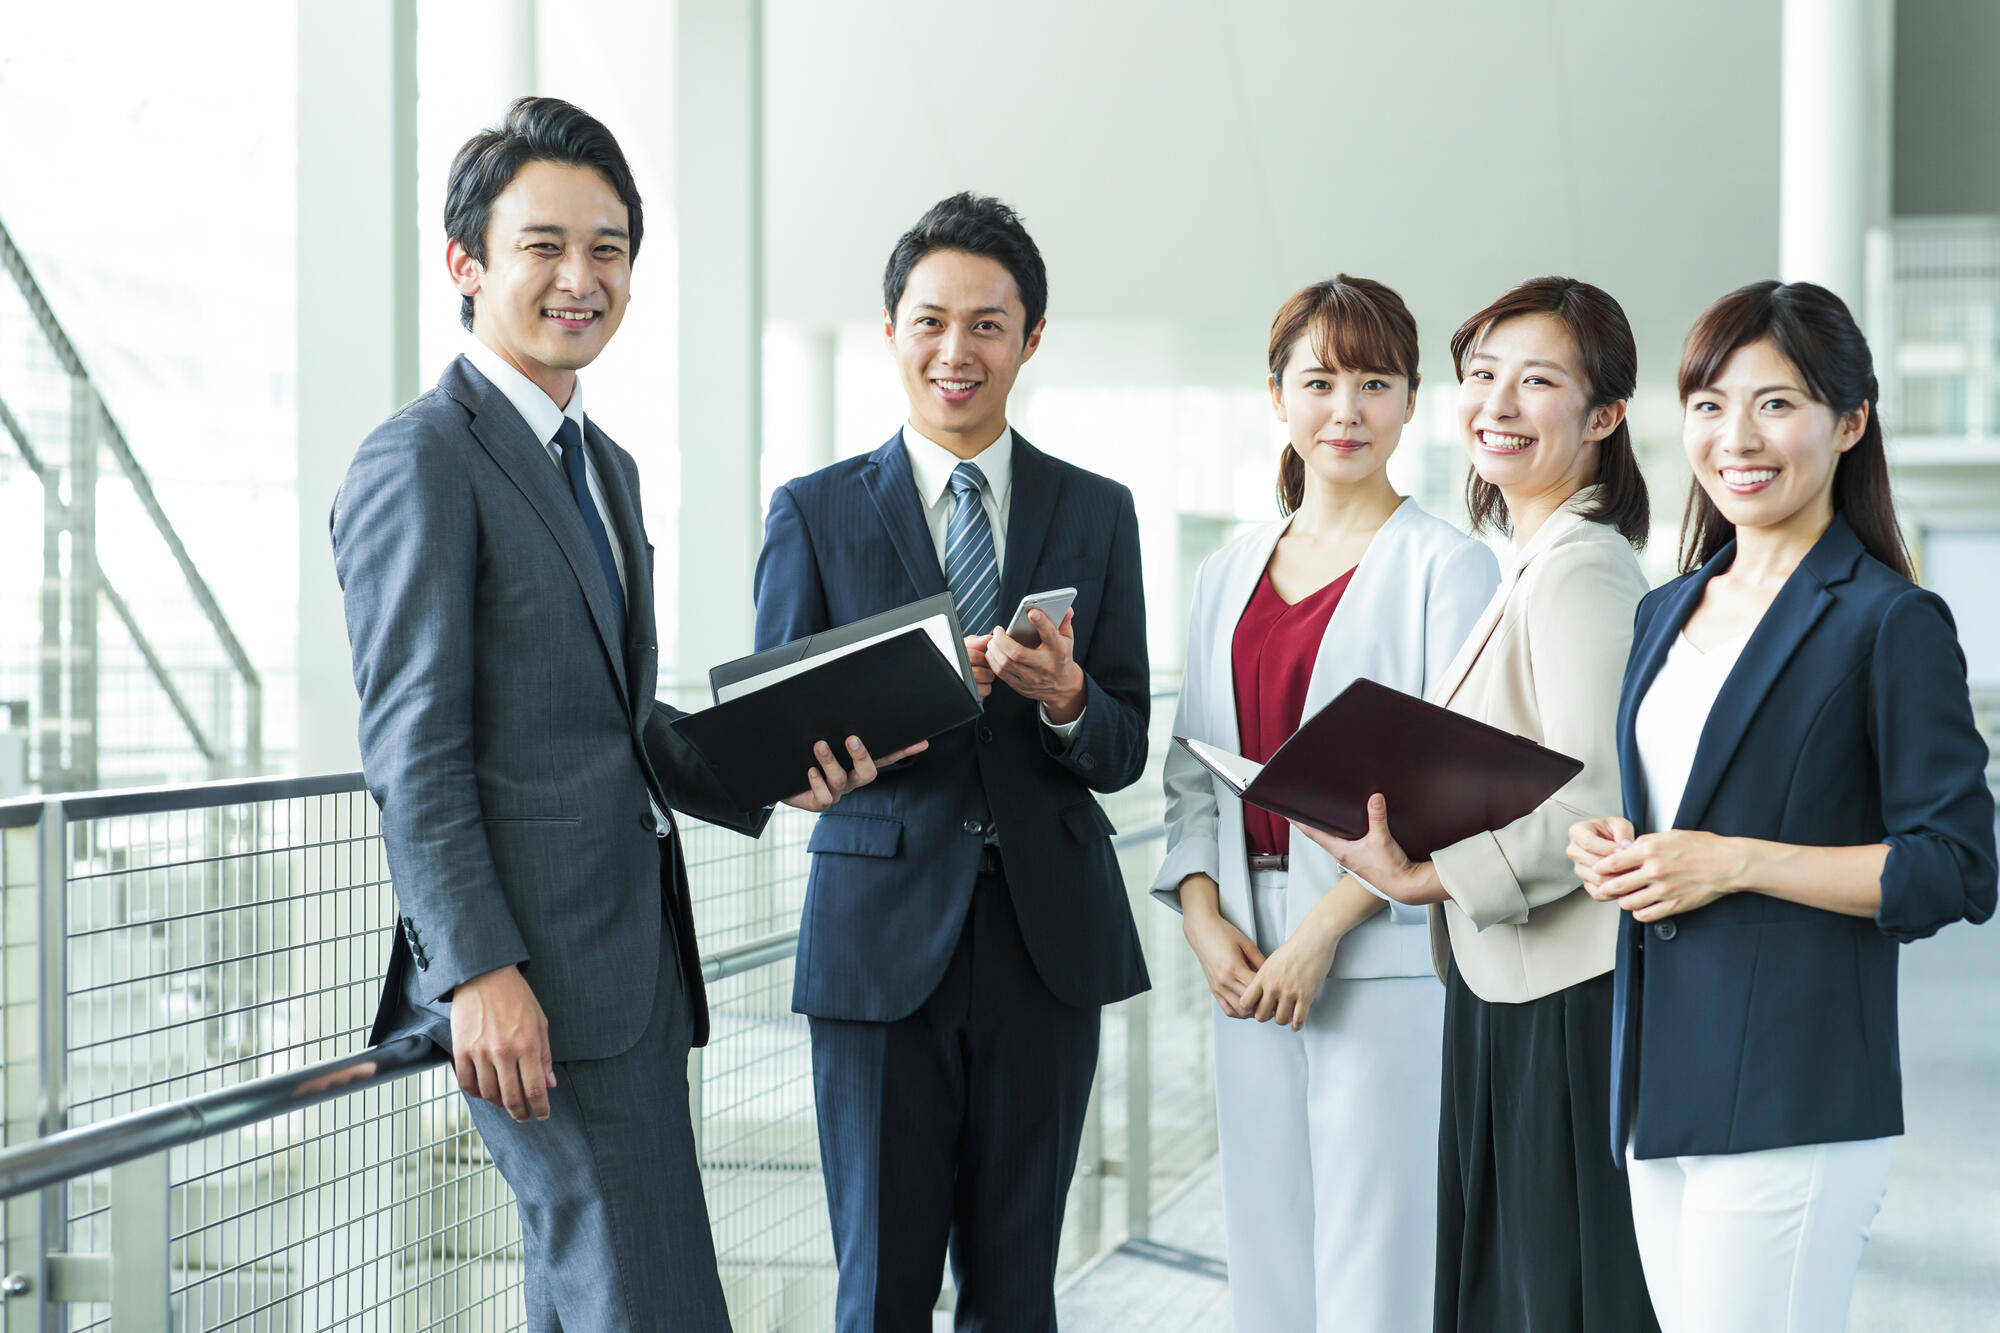 営業活動の効率化で生産性向上!業務支援に役立つツールと活用事例 ...